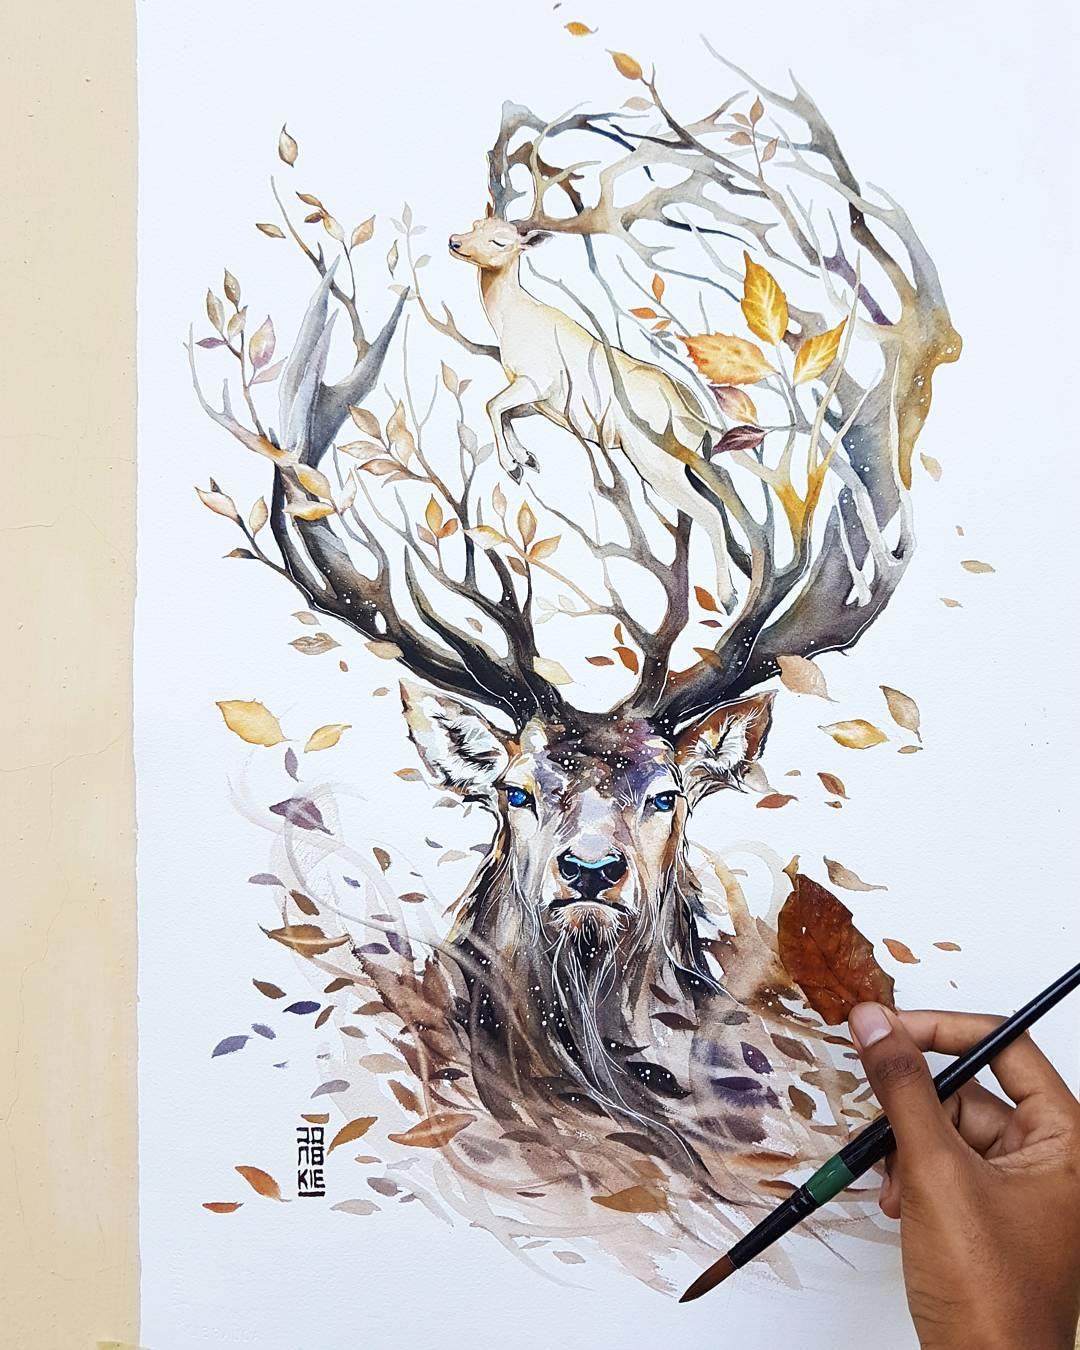 [Aquarelles] Les illustrations d'animaux magnifiquement colorées de Jongkie 15